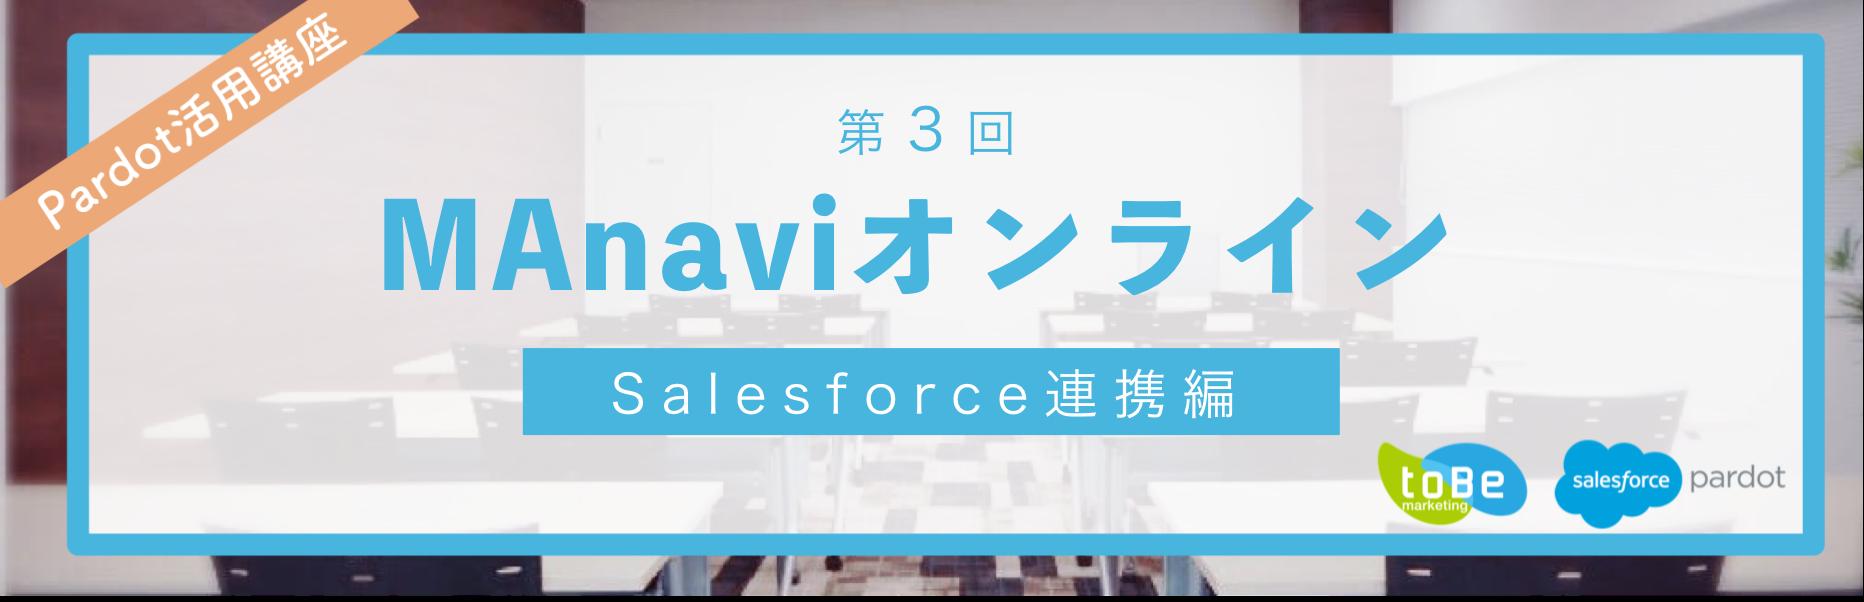 【MAnaviオンライン】はじめてのSalesforce連携③ 〜項目連携の注意点とよくあるトラブル〜